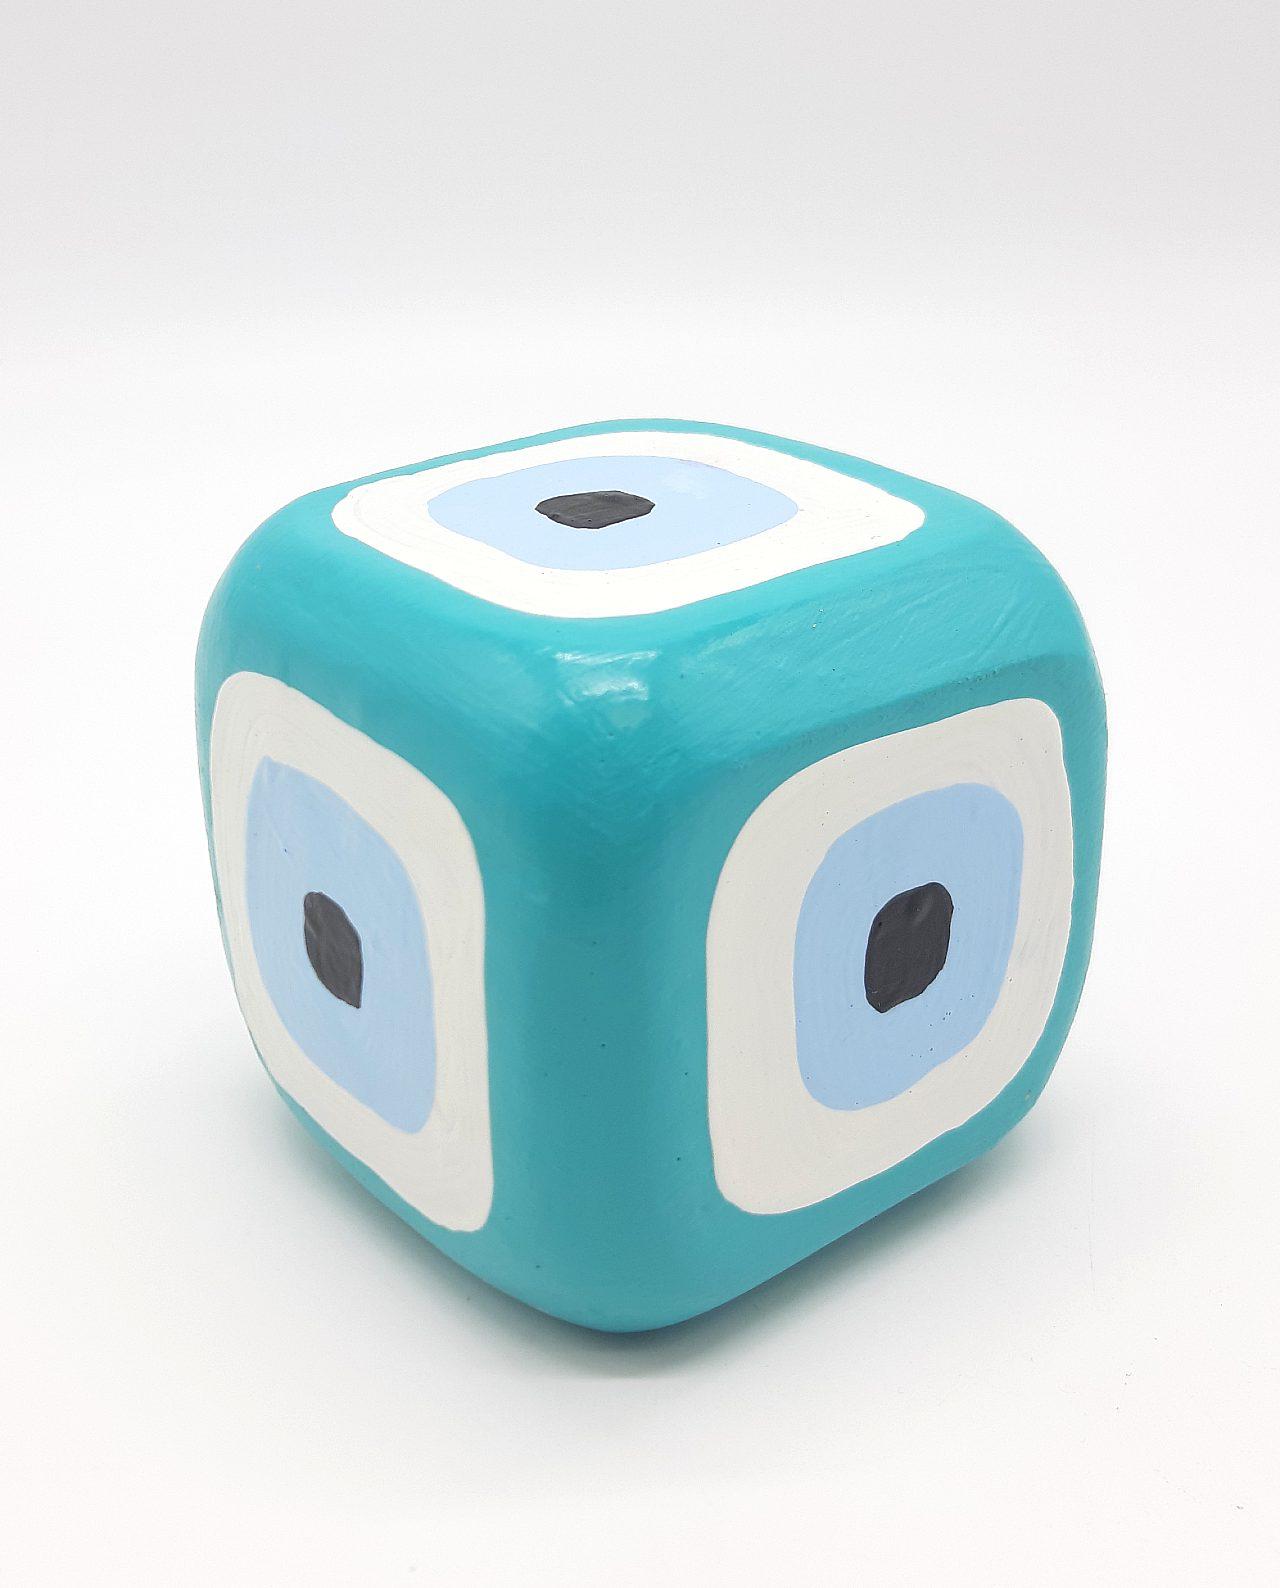 Κύβος Ματάκι Ξύλινος Χειροποίητος 8.5 cm x 8.5 cm x 8.5 cm χρώμα πετρολ